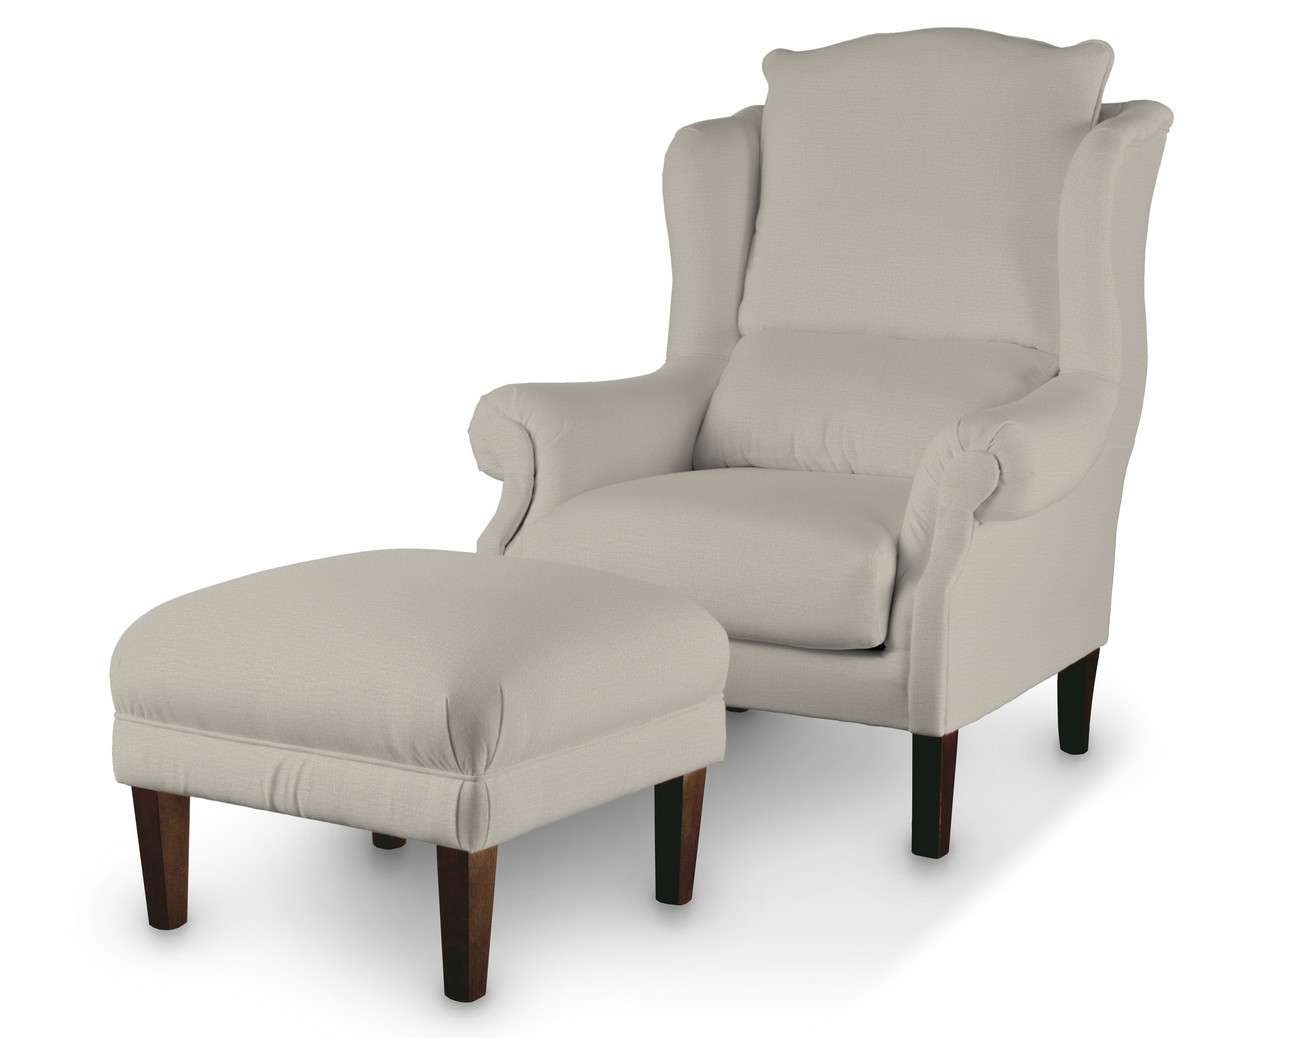 Podnóżek do fotela w kolekcji Ingrid, tkanina: 705-40